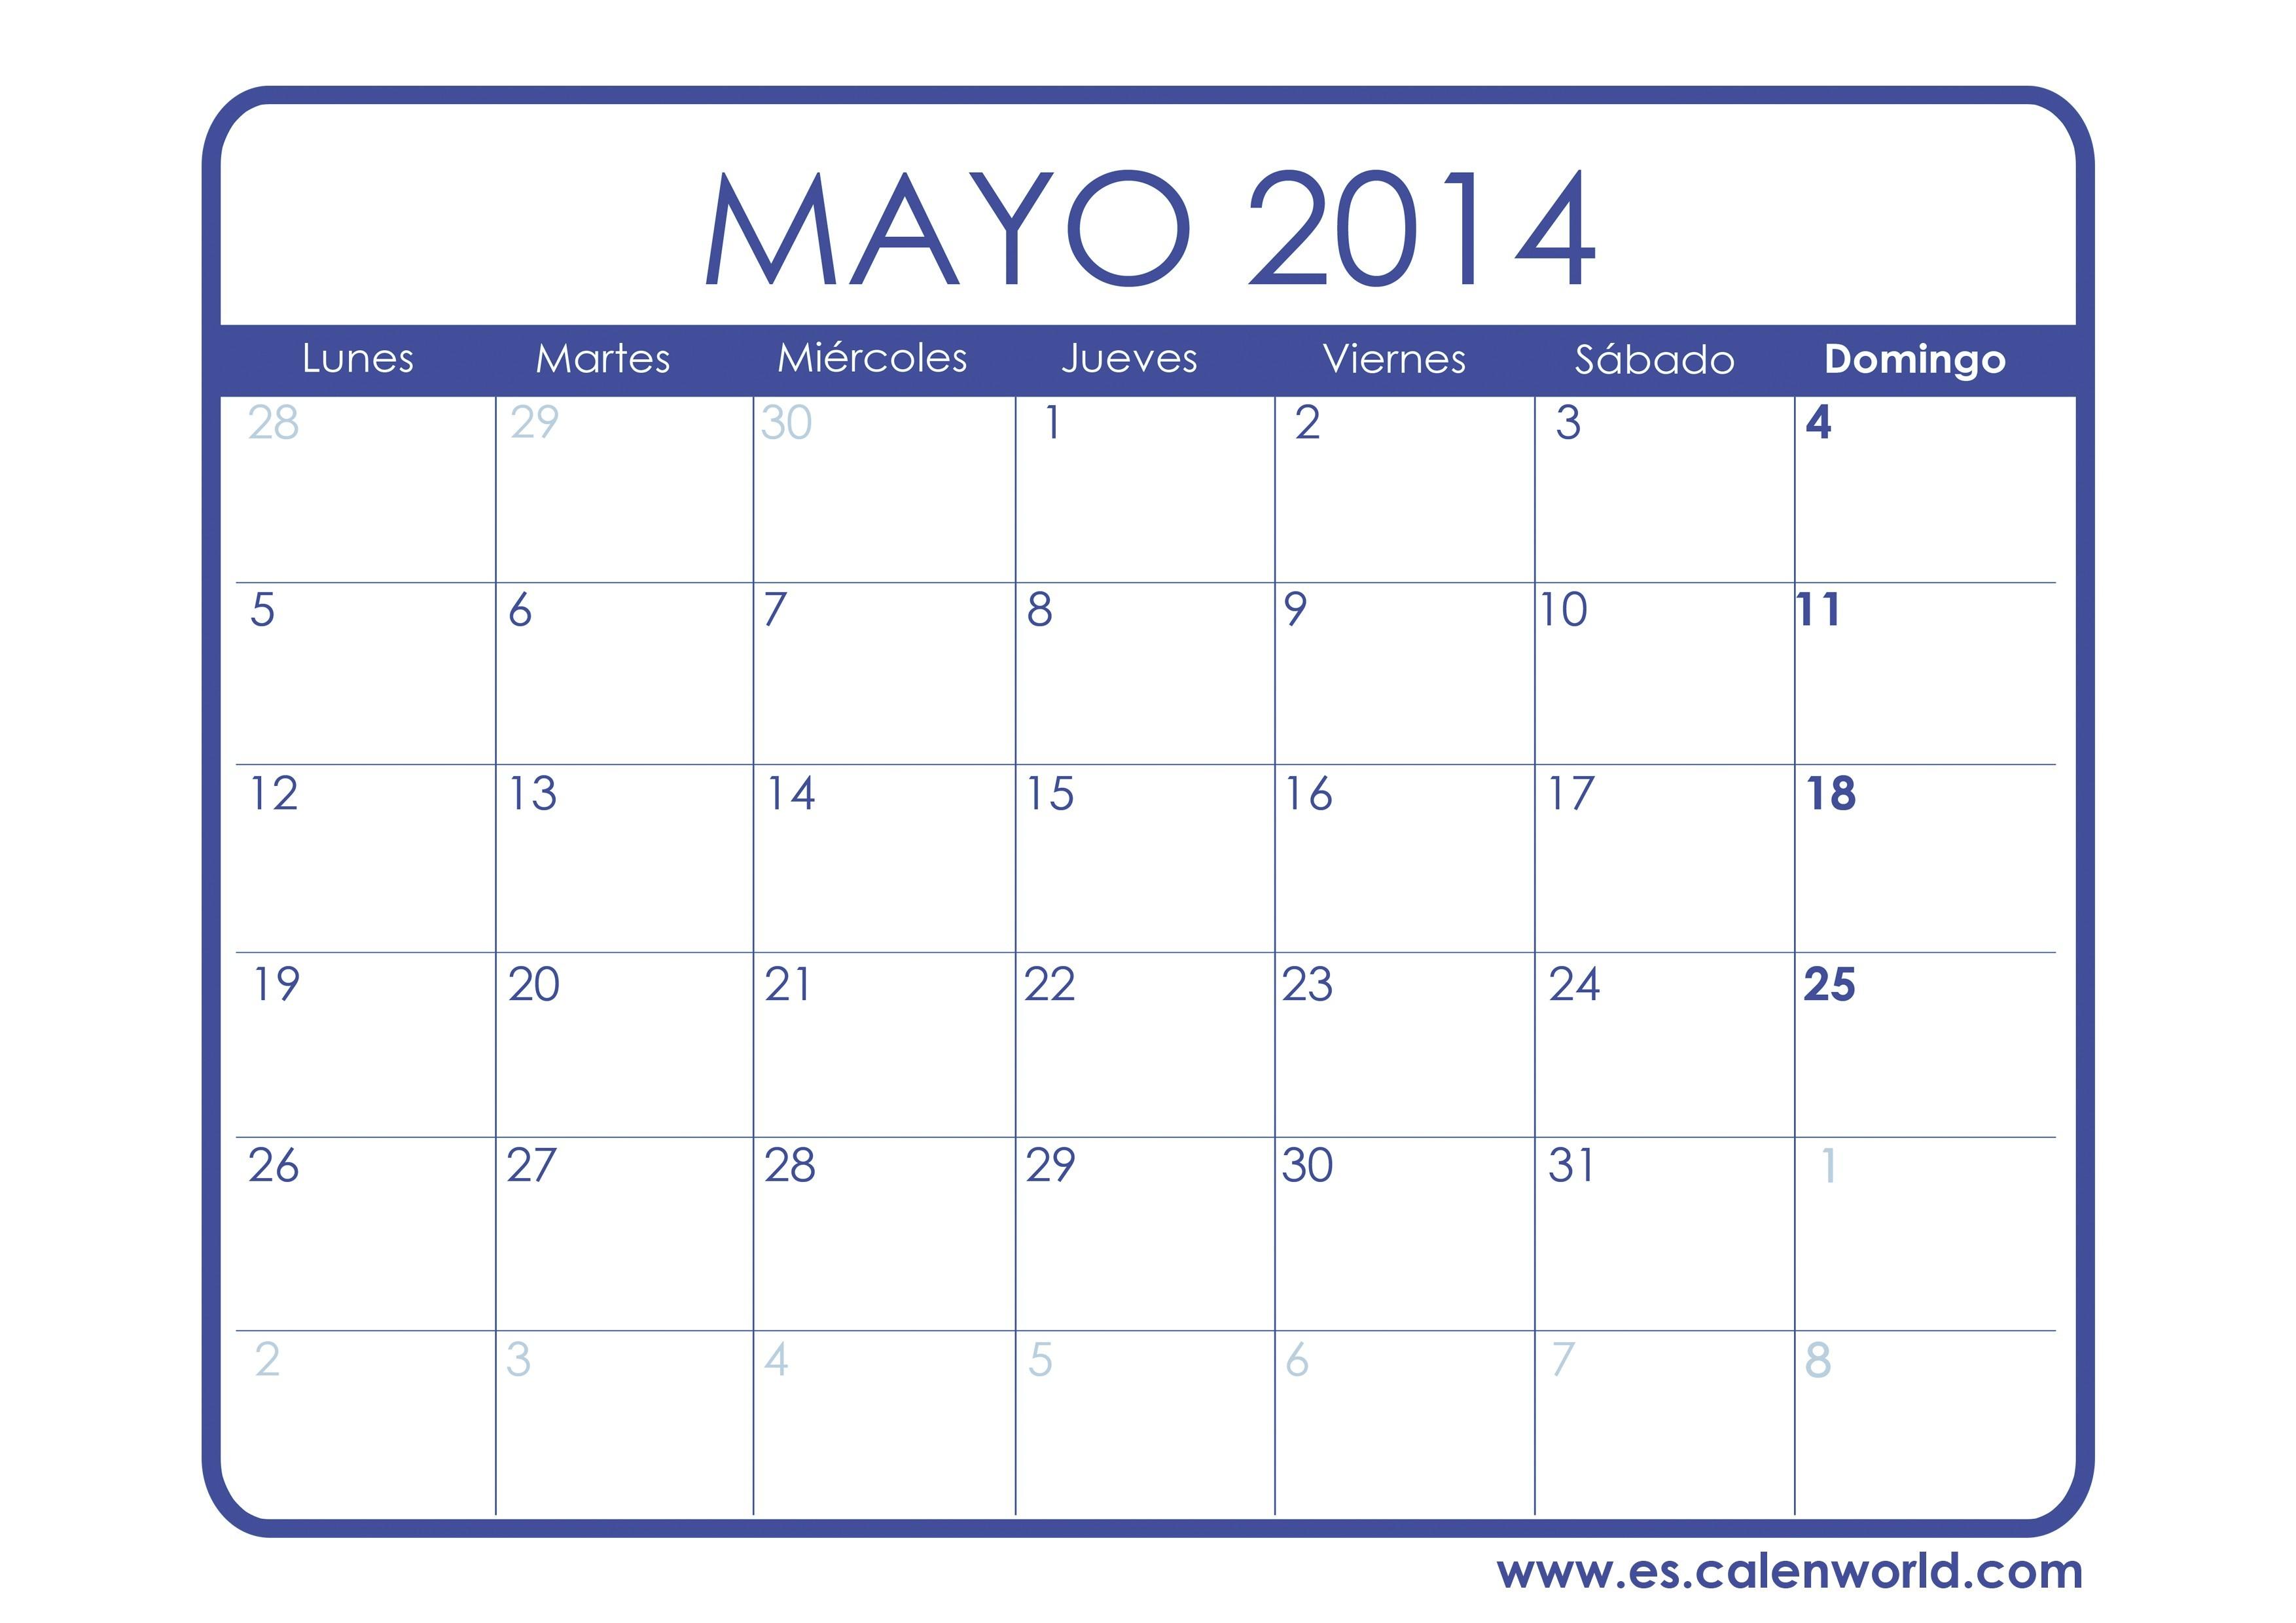 calendario 2017 para imprimir michelzbinden mas actual imprimir calendario mes a mes calendario mes octubre interesting of calendario 2017 para imprimir michelzbinden